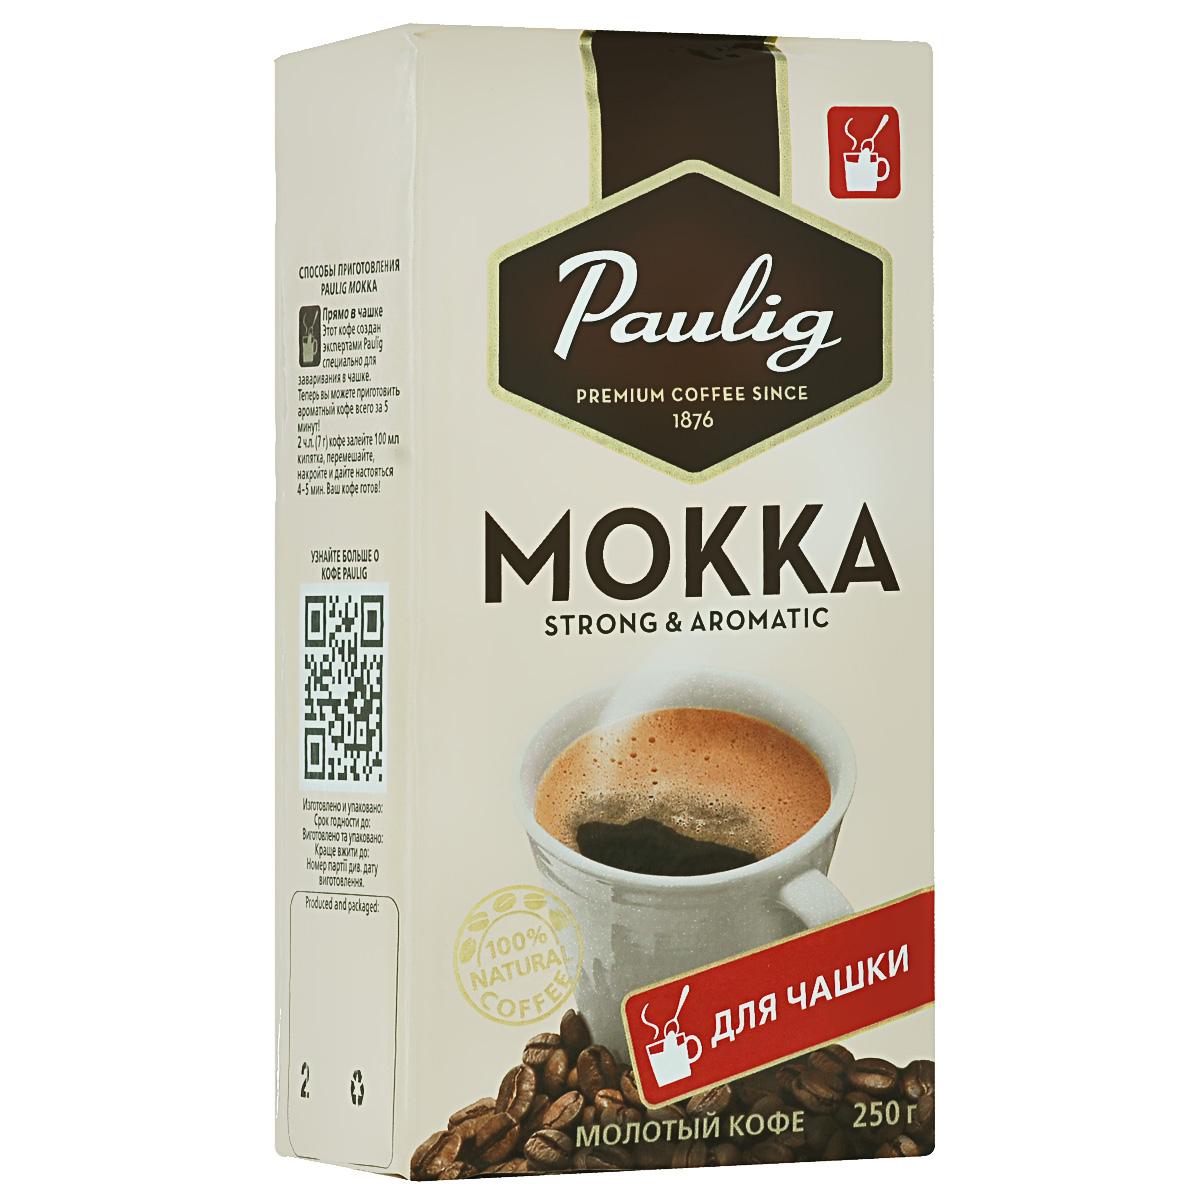 Paulig Mokka кофе молотый для заваривания в чашке, 250 г